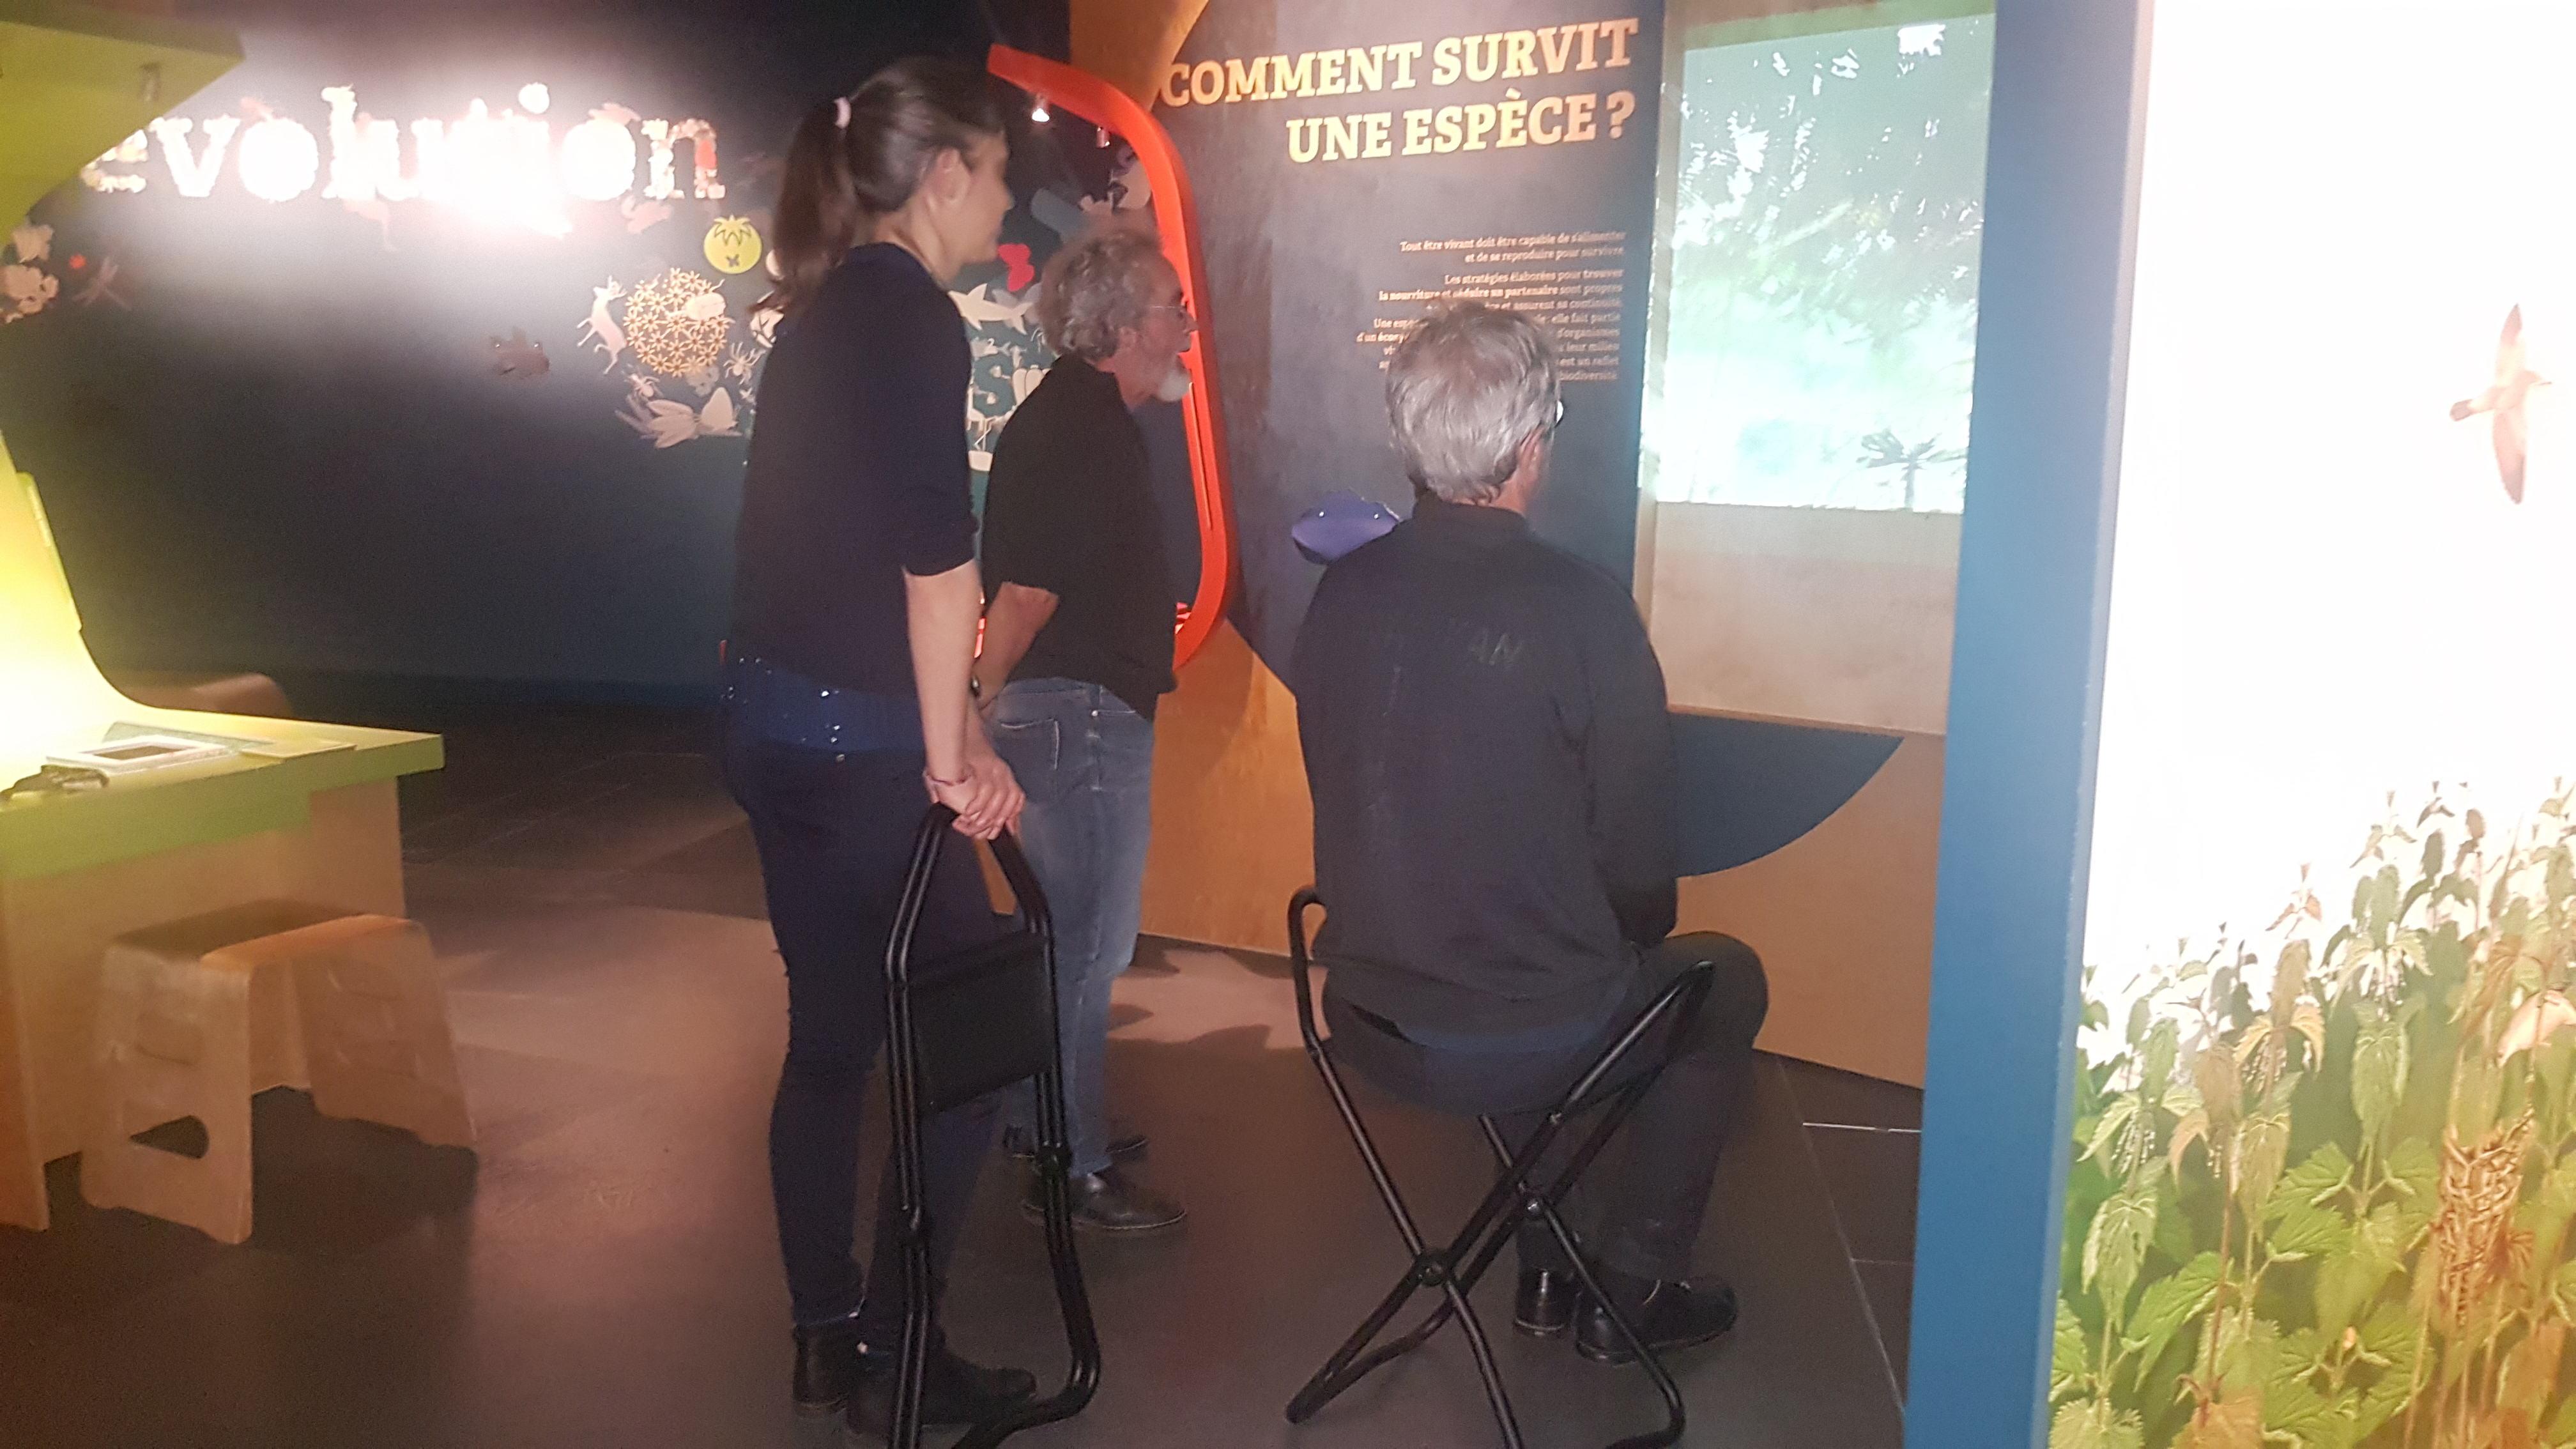 légende photo : dans l'Espace des sciences, 3 personnes regardent une vidéo, l'une âgée est assise sur une canne-siège, une autre est en appui sur une canne-siège repliée.